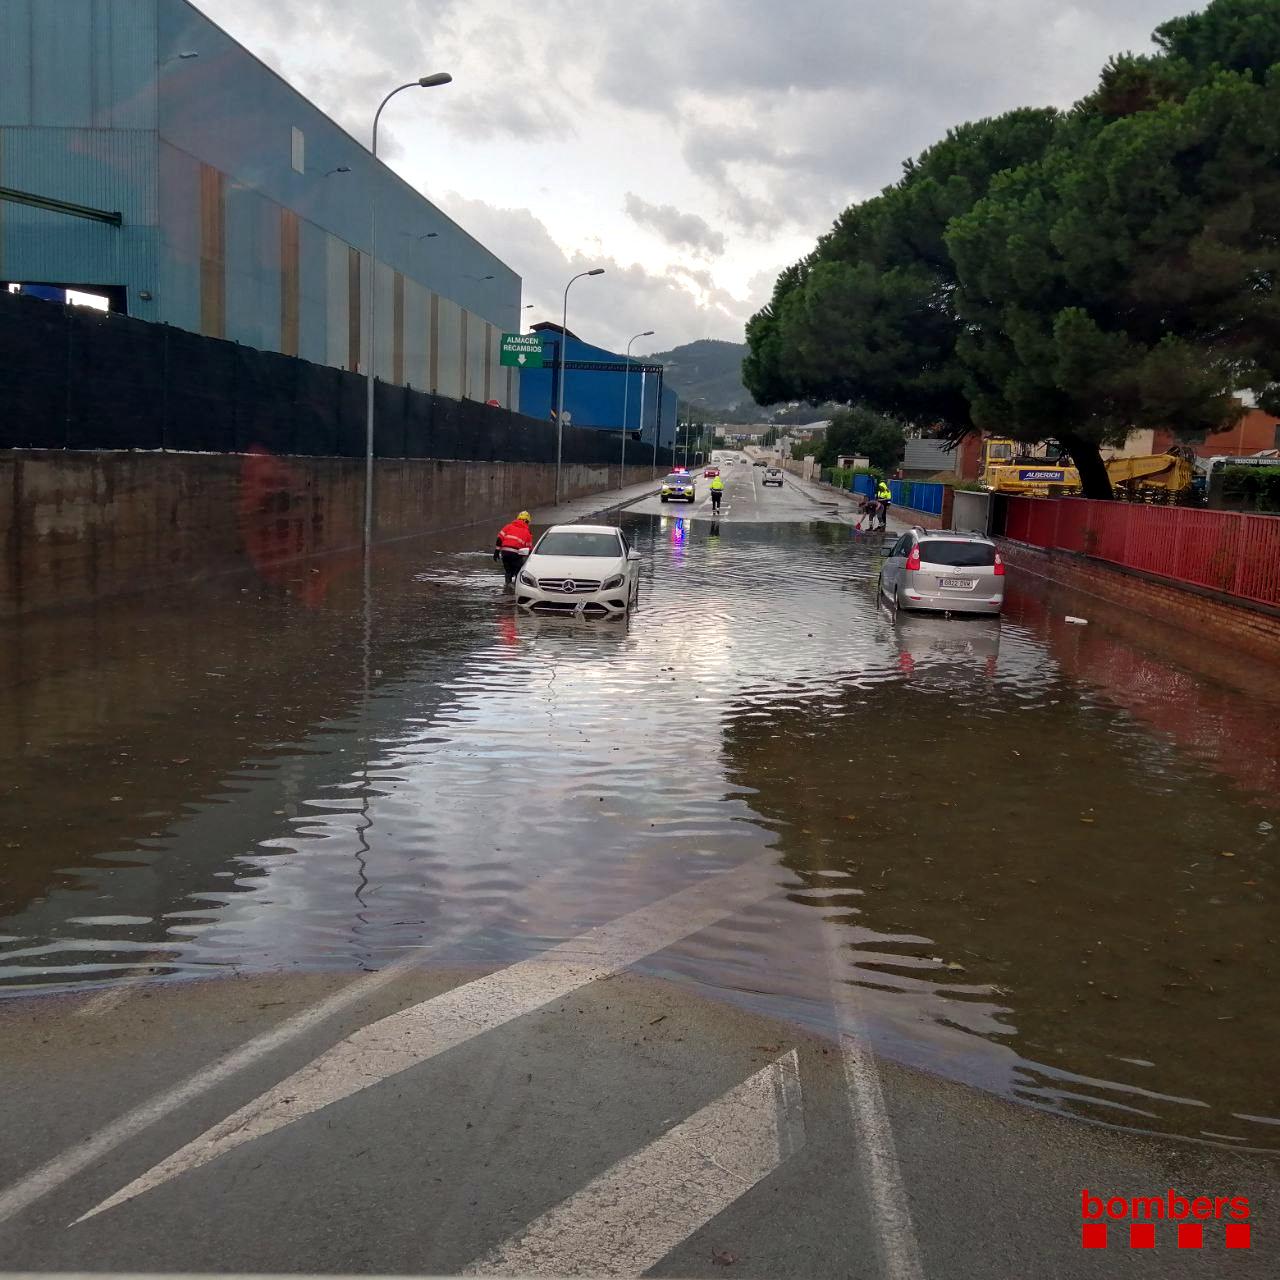 Els dos cotxes atrapats per l'aigua en un carrer del polígon industrial del Llobregat a Castellbisbal, el 18 de setembre del 2021 (Horitzontal).